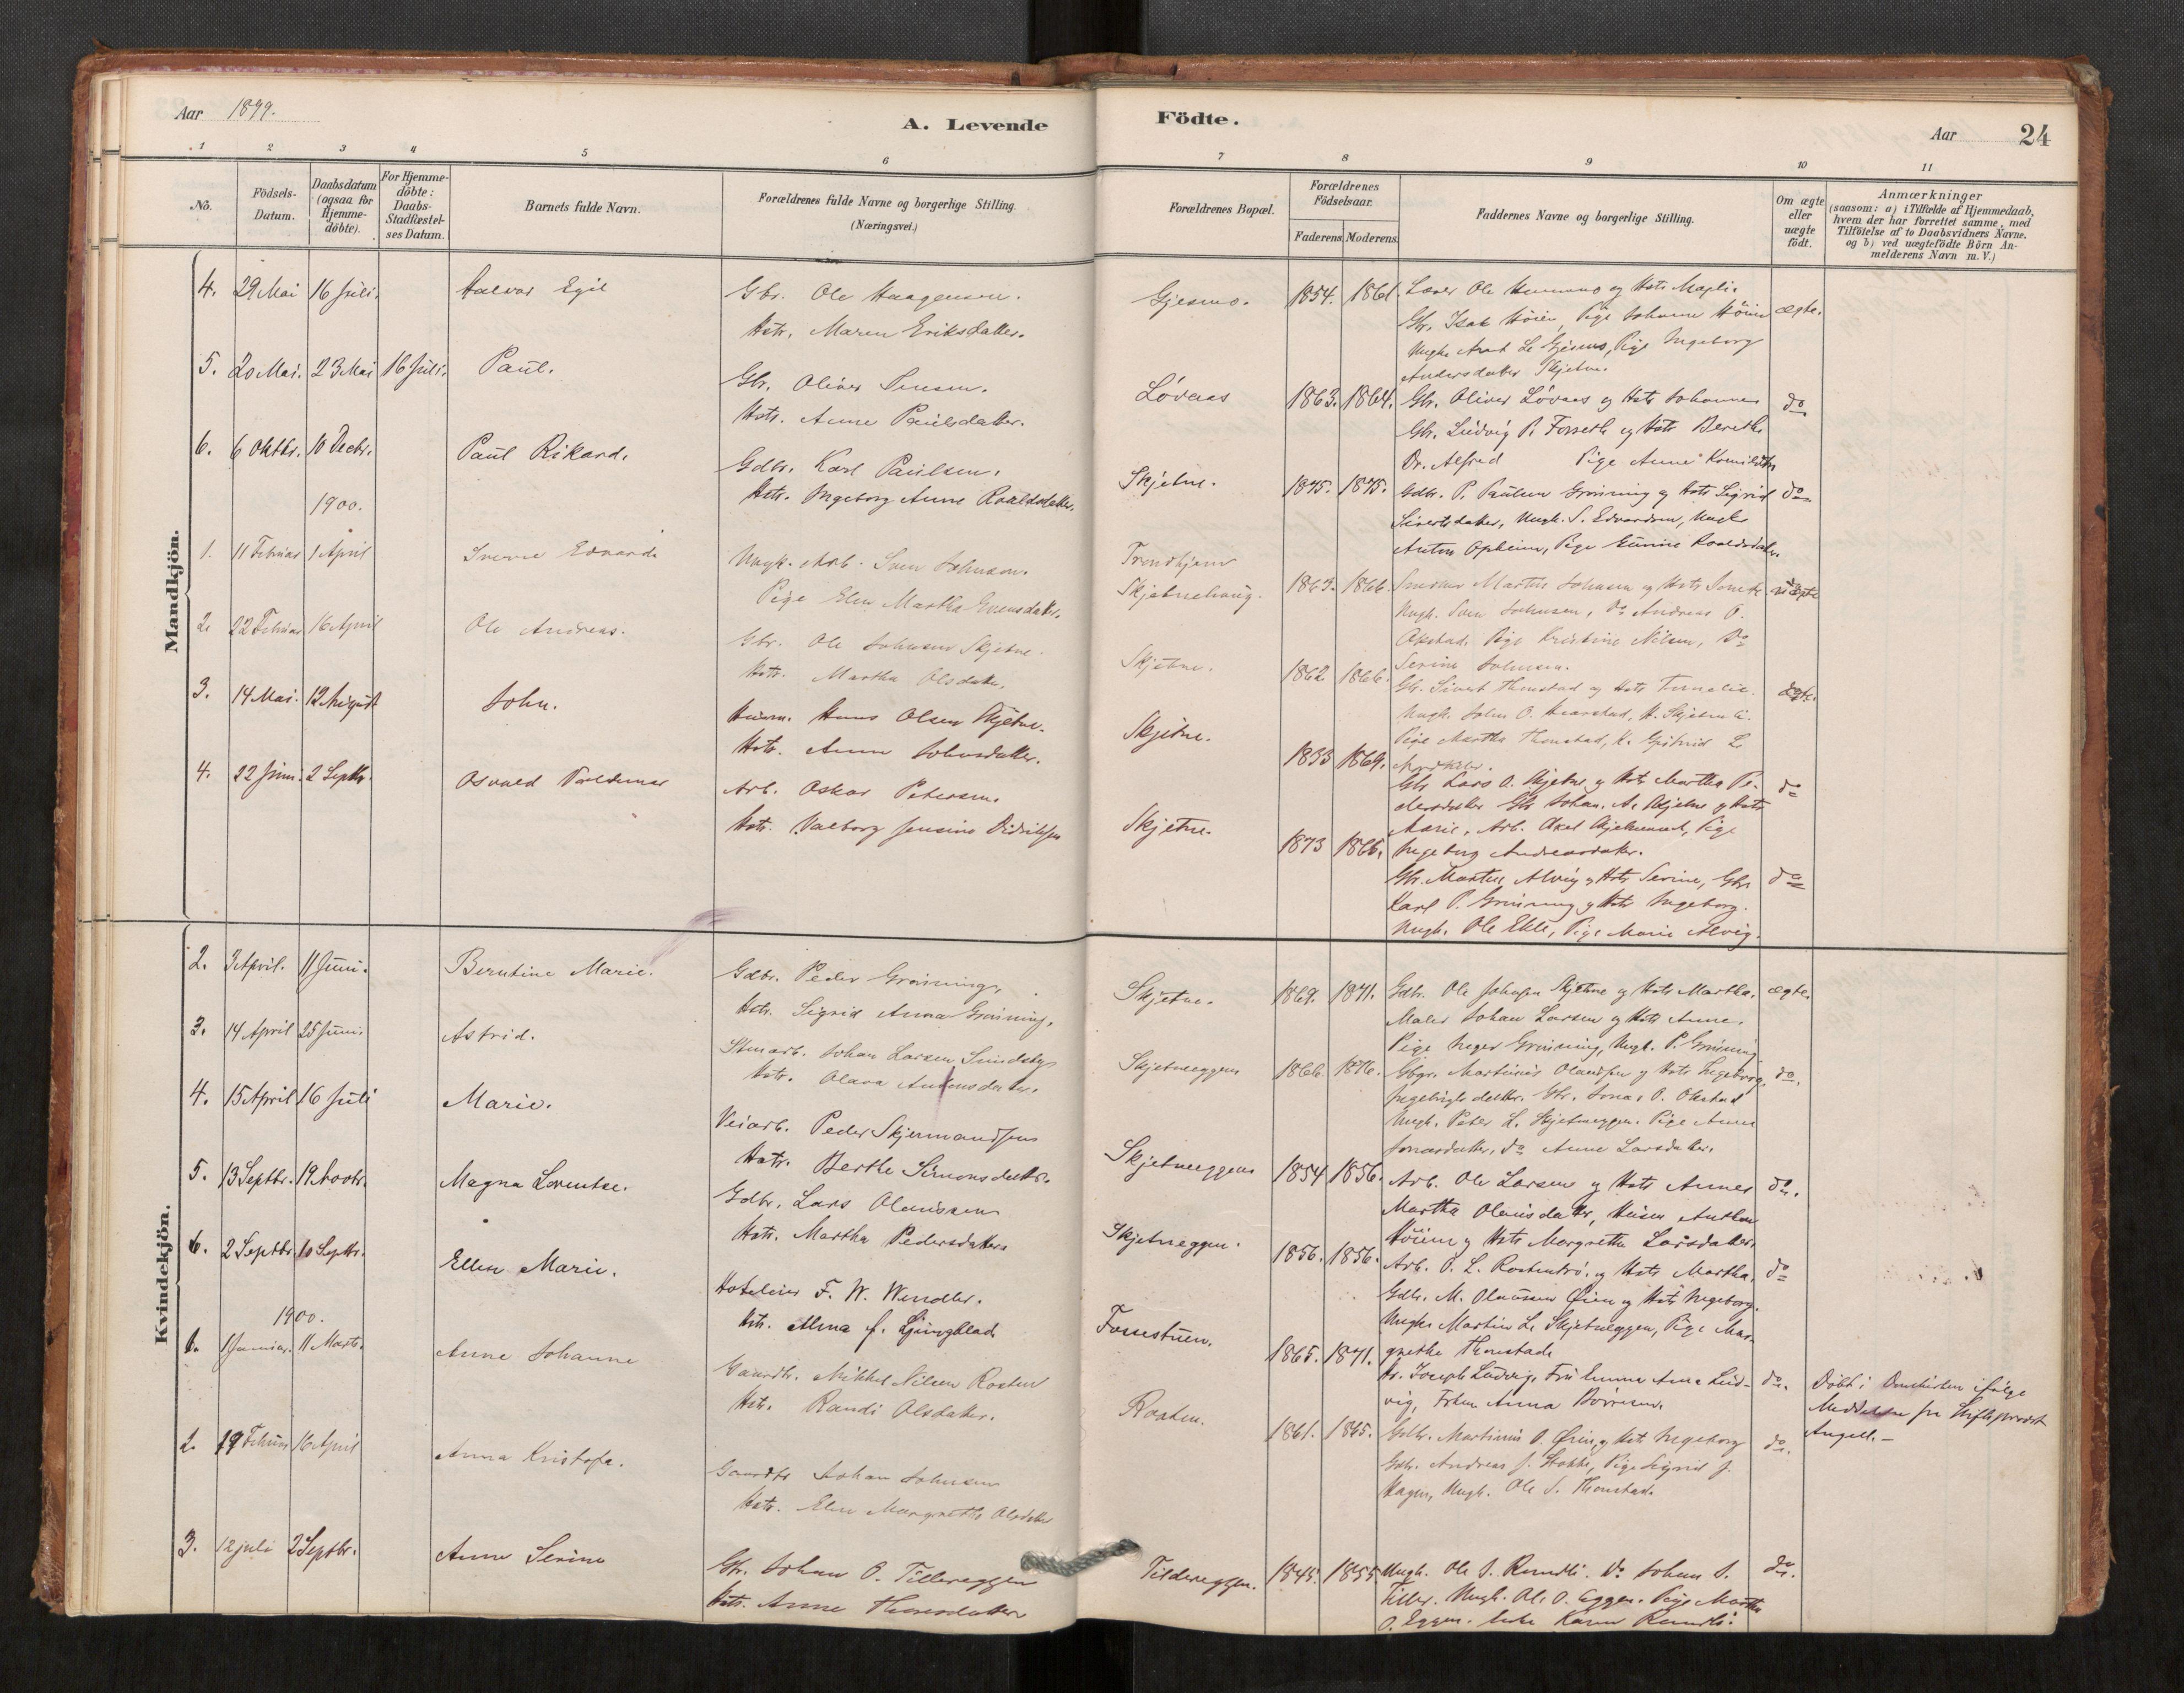 SAT, Klæbu sokneprestkontor, Parish register (official) no. 1, 1880-1900, p. 24